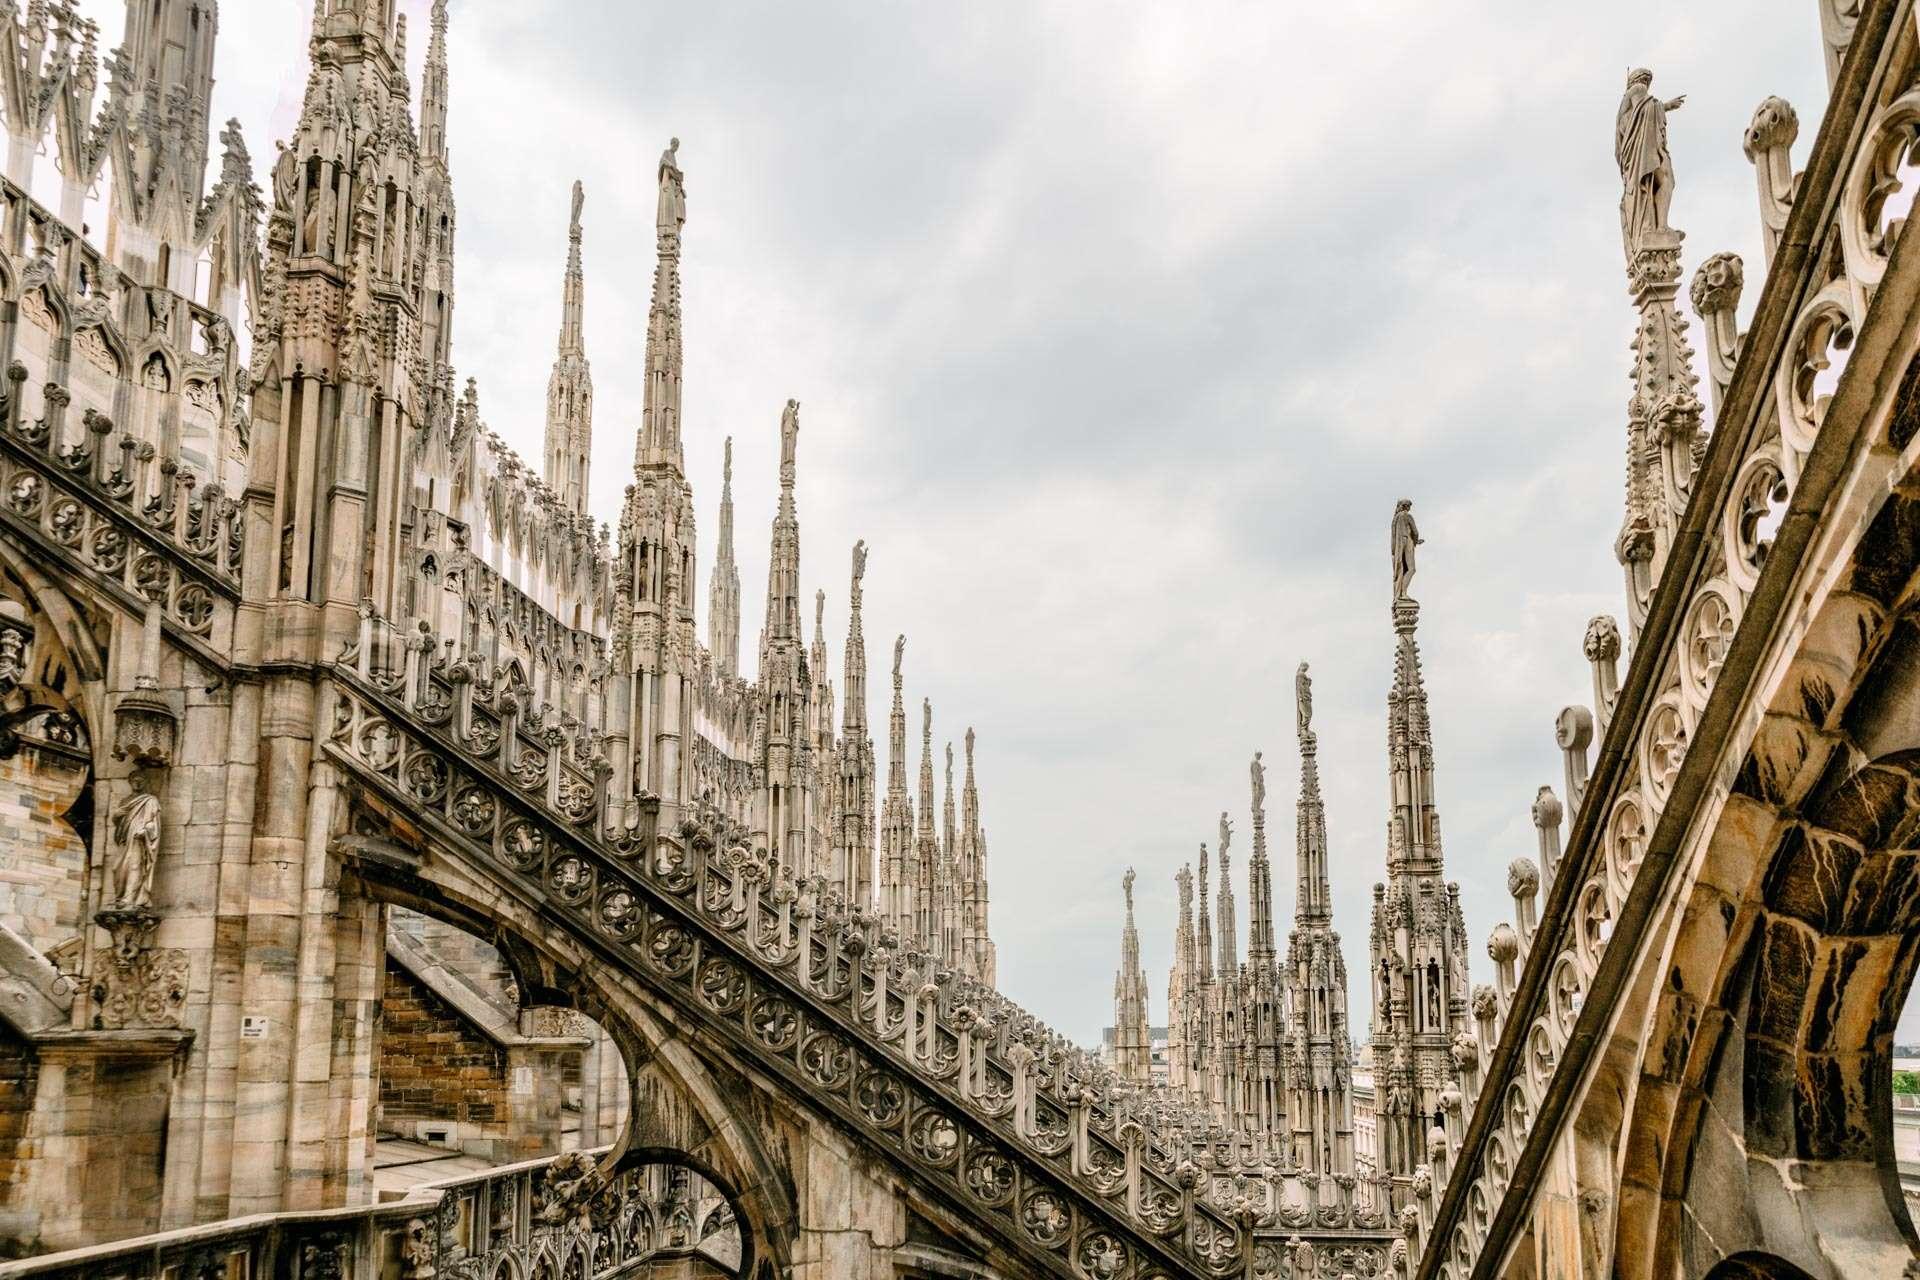 På toppen af domkirken aka Il Duomo.